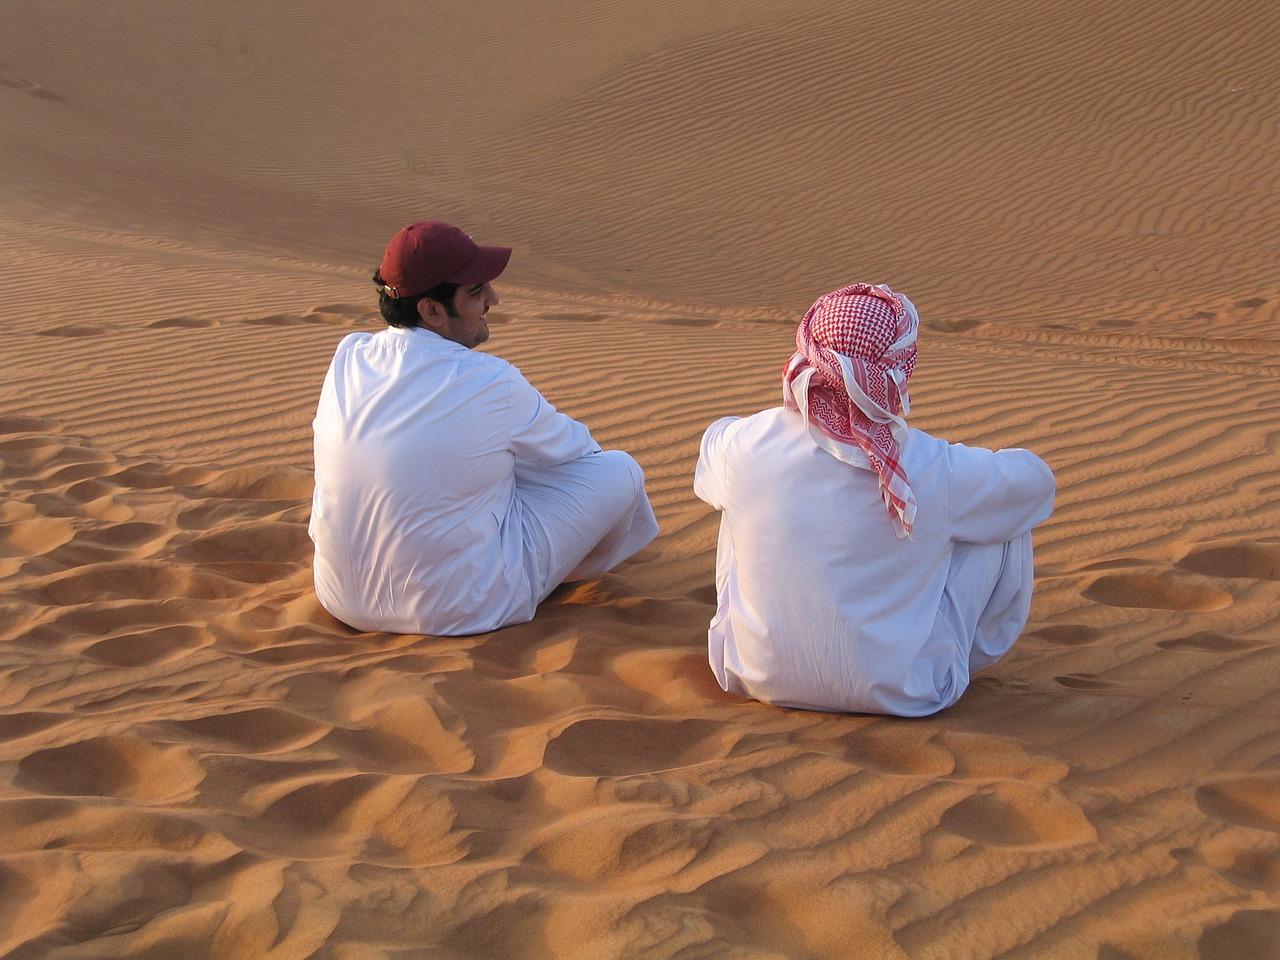 アラブ人の服装や顔の特徴は?性格やユダヤ人を嫌う理由は?名前(苗字)の人気も!